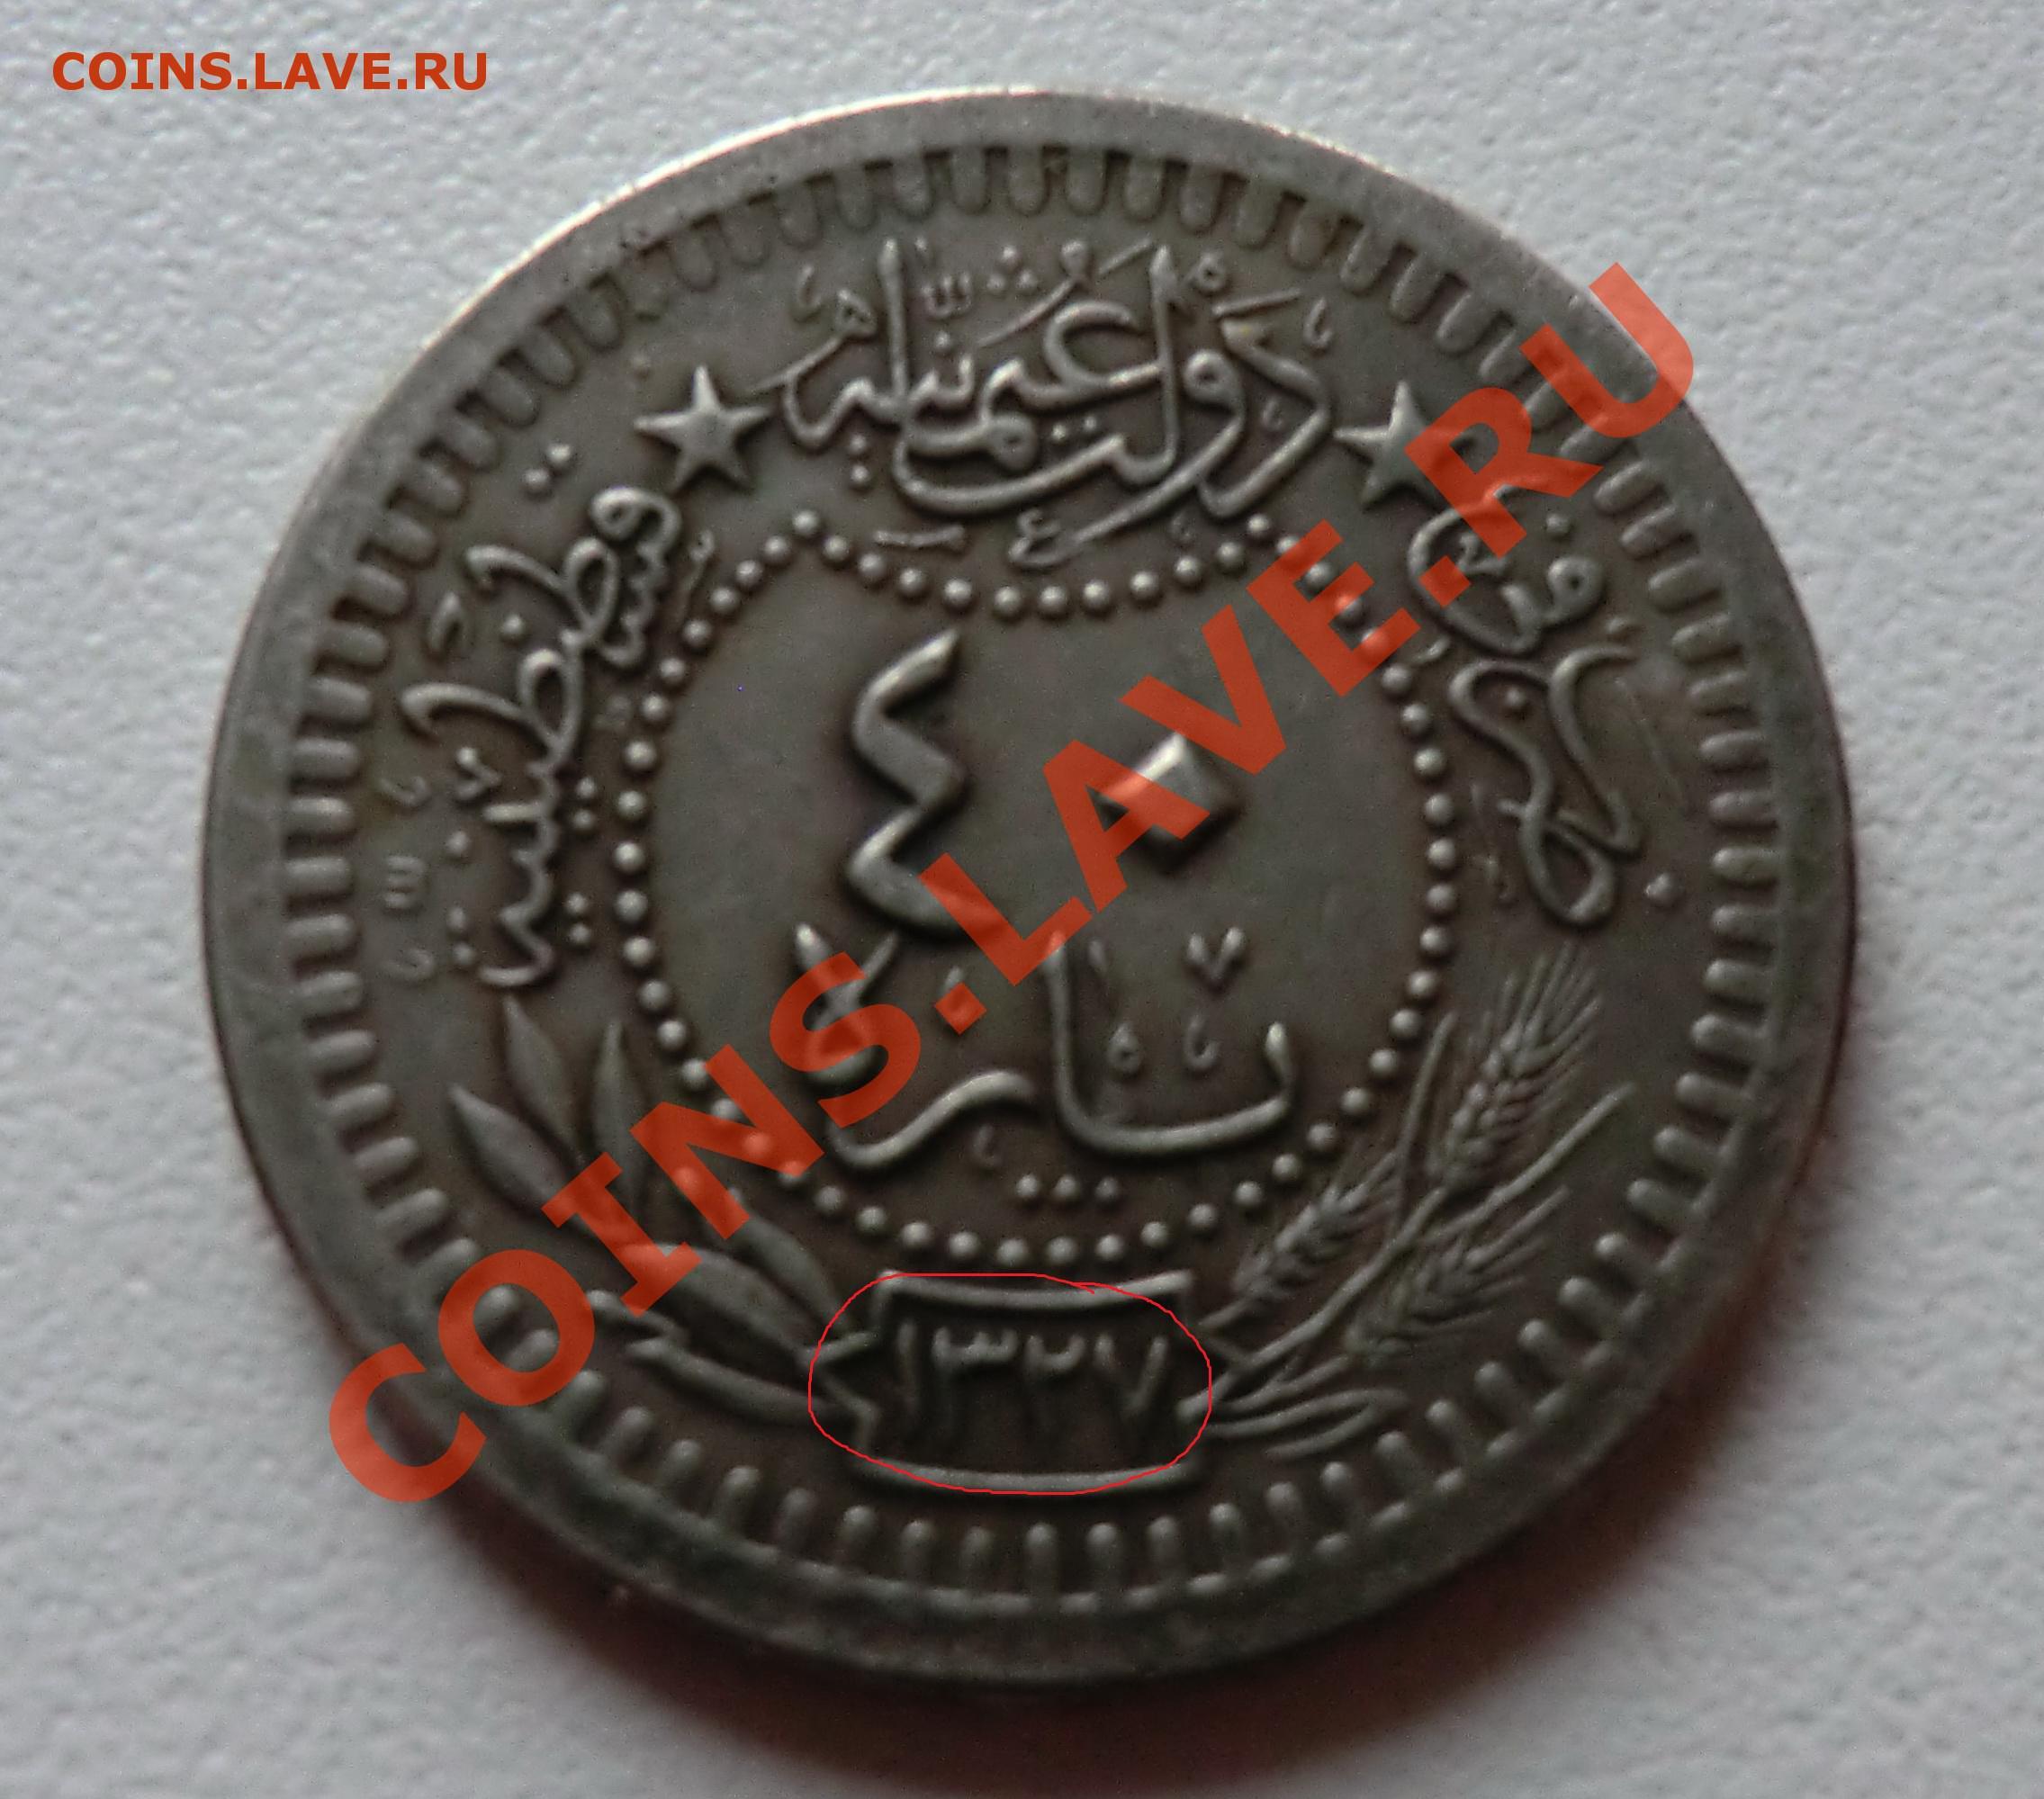 Фото монет с изображением крыма собаки также